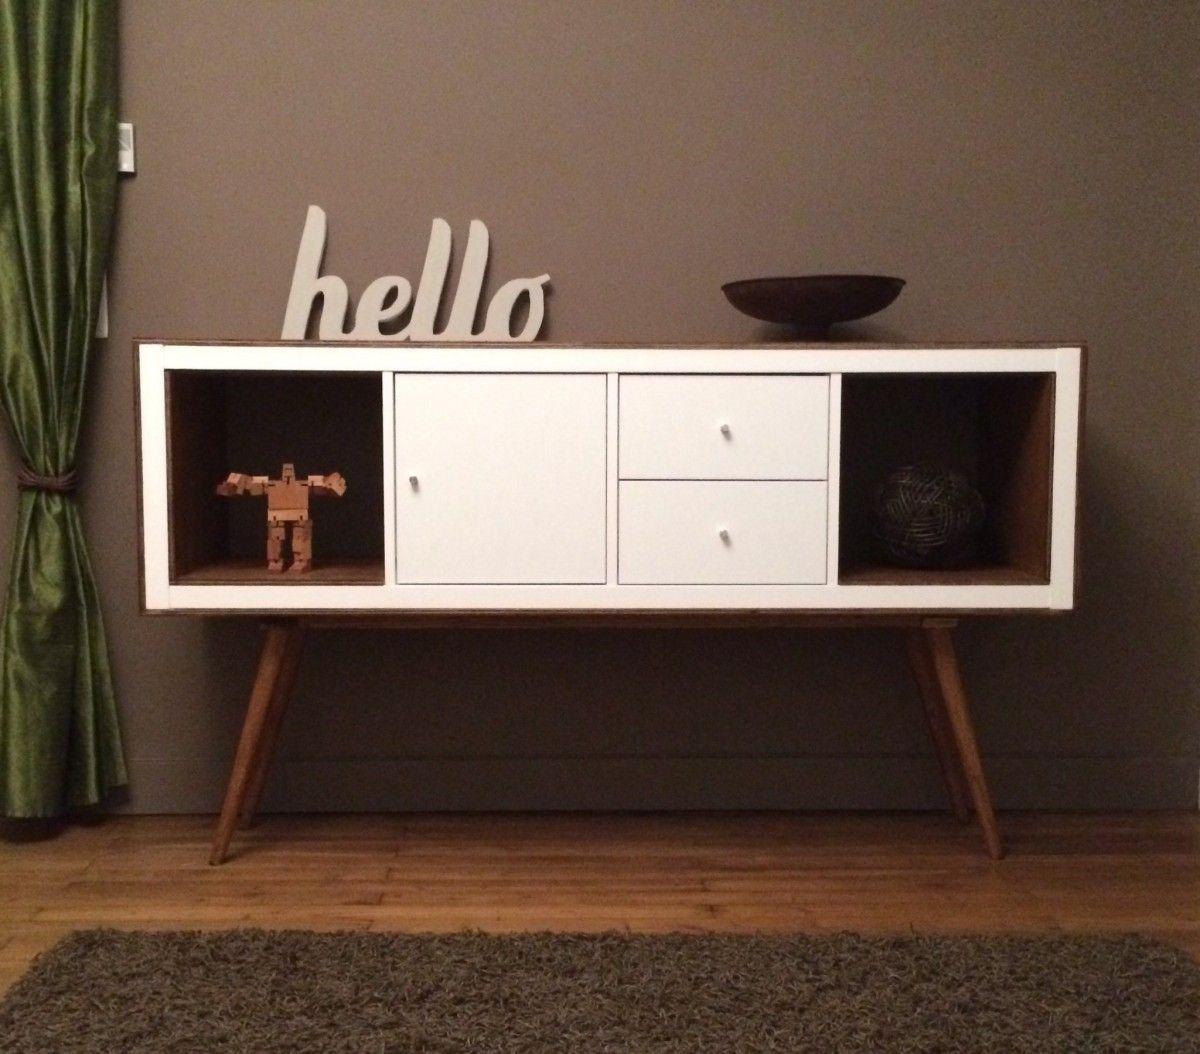 Kallax Meuble Tv - Un Meuble Styl Ann Es 50 Avec Kallax Bidouilles Ikea Sweet [mjhdah]https://www.bidouillesikea.com/wp-content/uploads/2015/05/2015-04-30-00.22.16.jpg